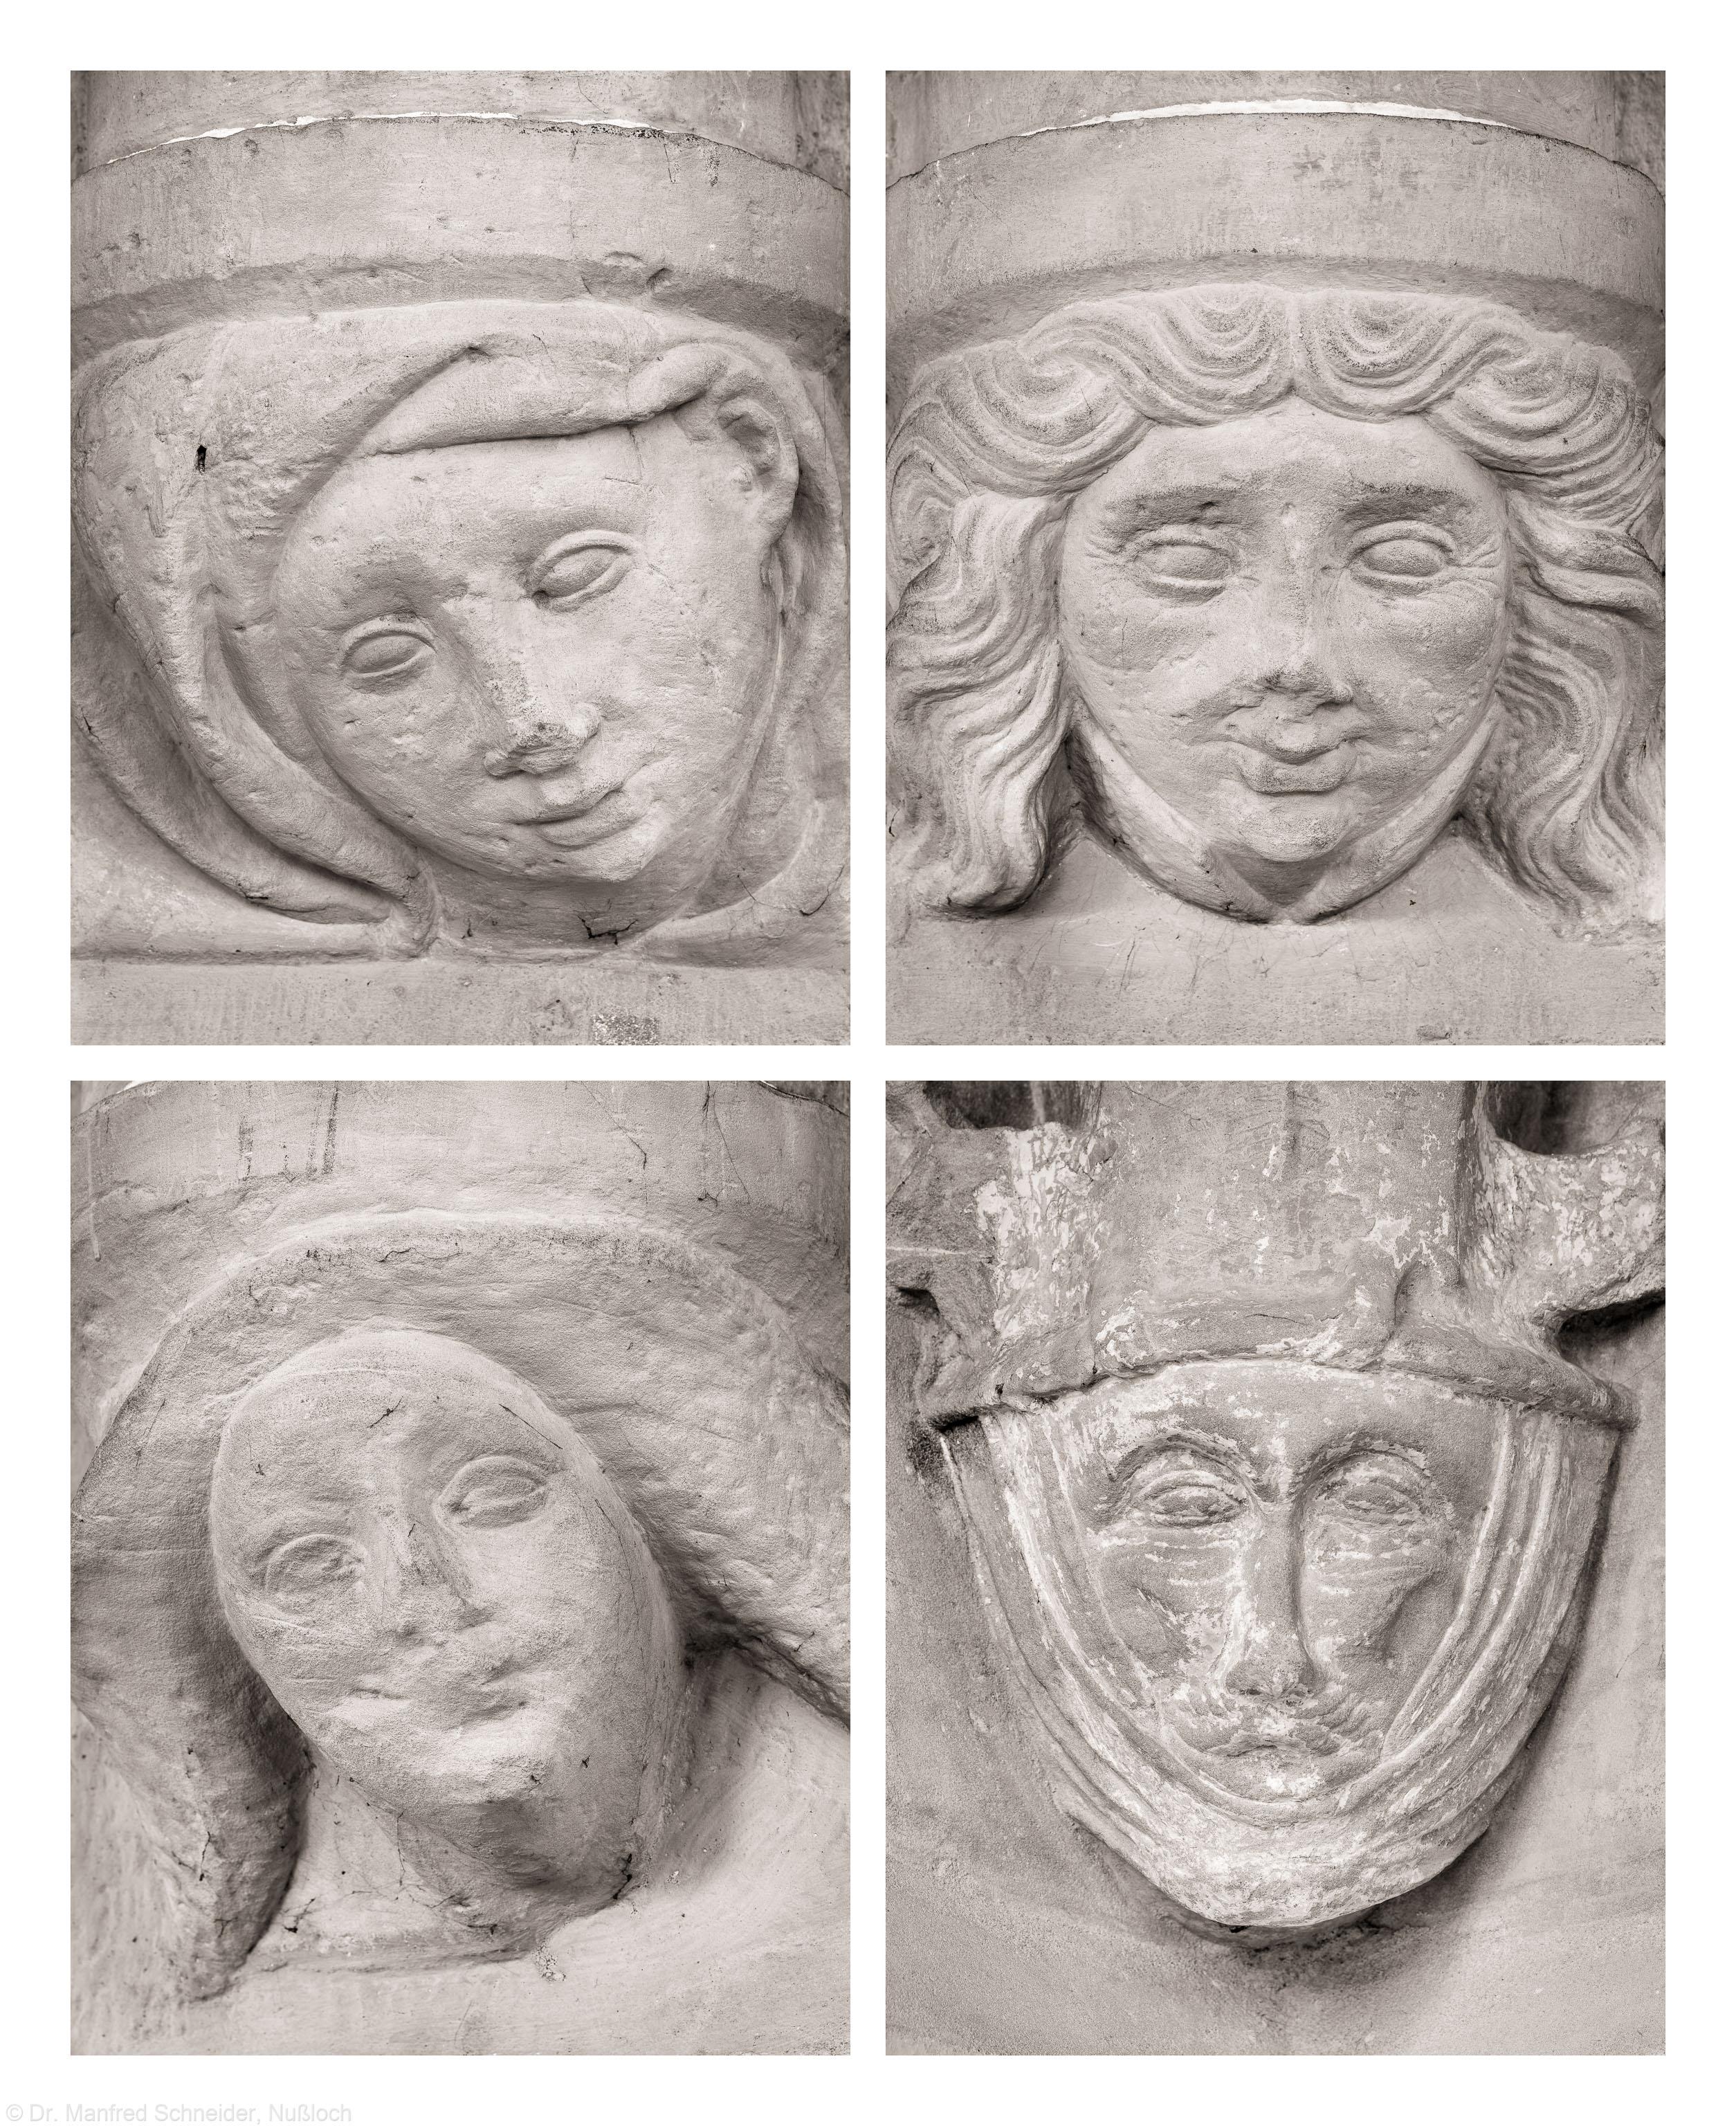 Heidelberg - Heiliggeistkirche - Nordempore - v.l.n.r., v.o.n.u: 1. bis 3. Figur am unteren Dienstabschluß der Nordseite, von Westen aus gezählt, Figur am unteren Dienstabschluß der Südostseite (aufgenommen im Juni 2015, am späten Vormittag)